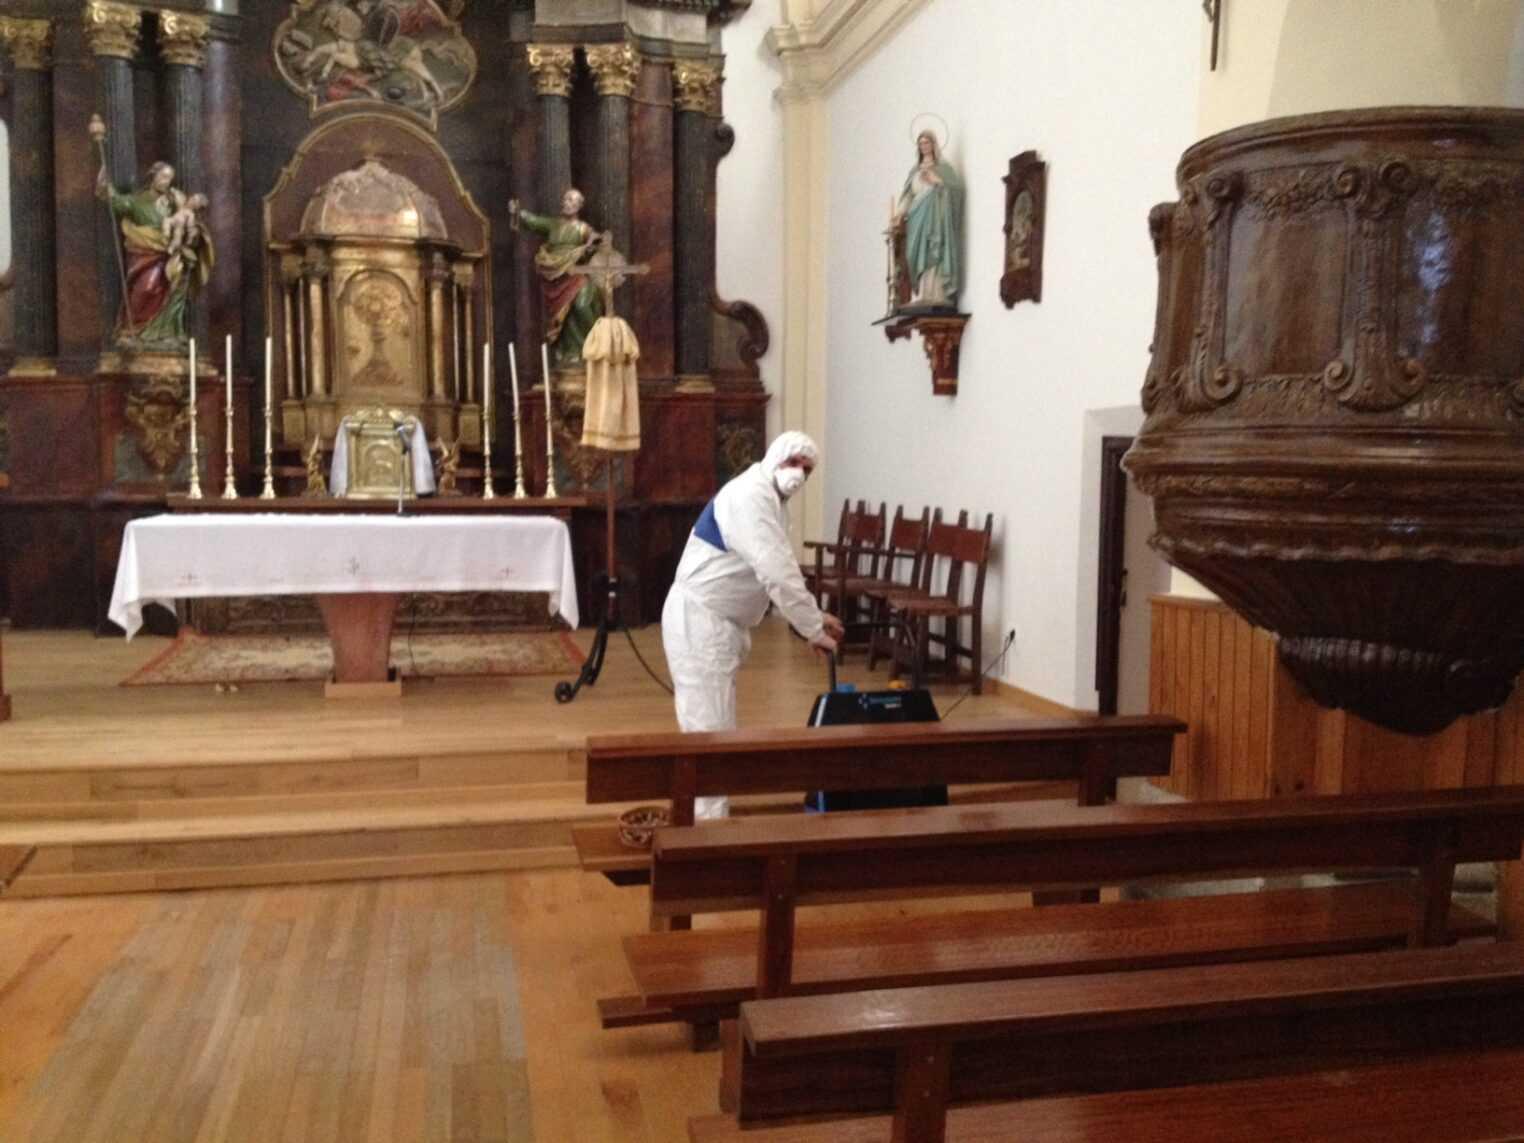 limpieza De la Iglesia ozono